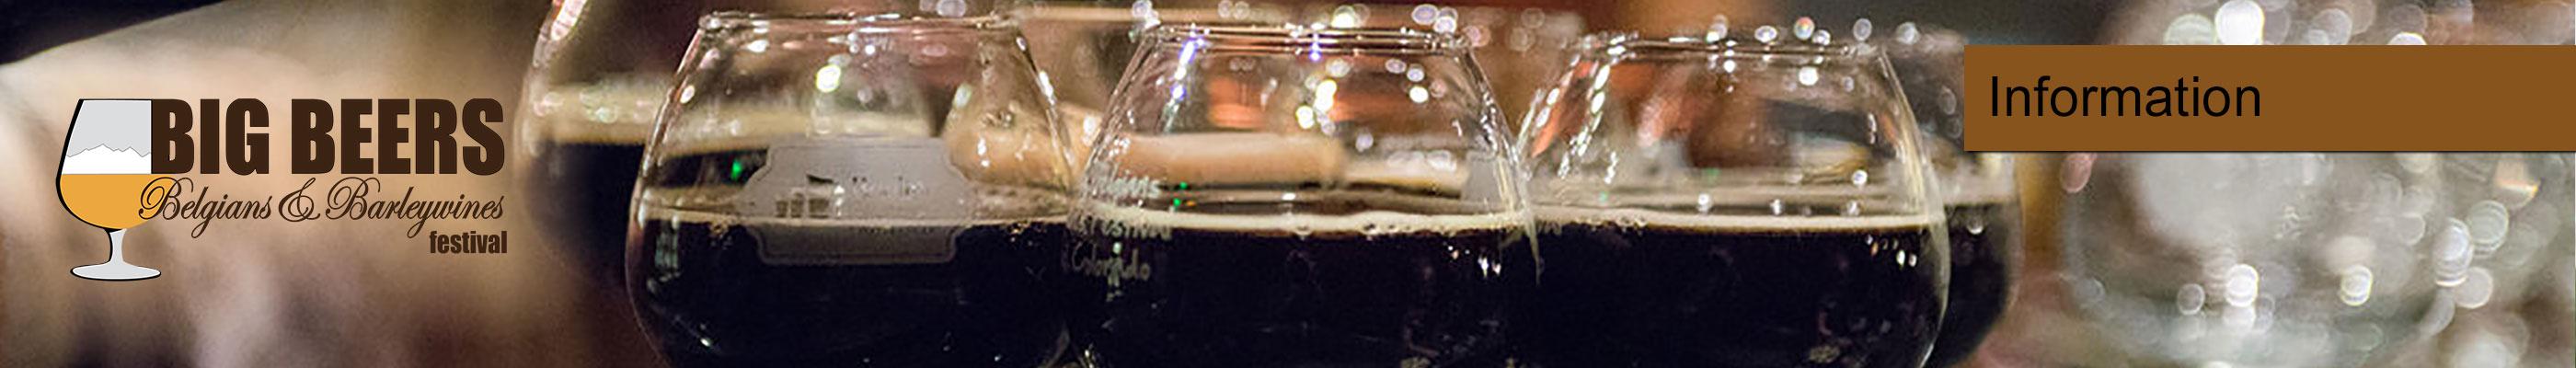 Big Beers, Belgians & Barleywines Beer Festival